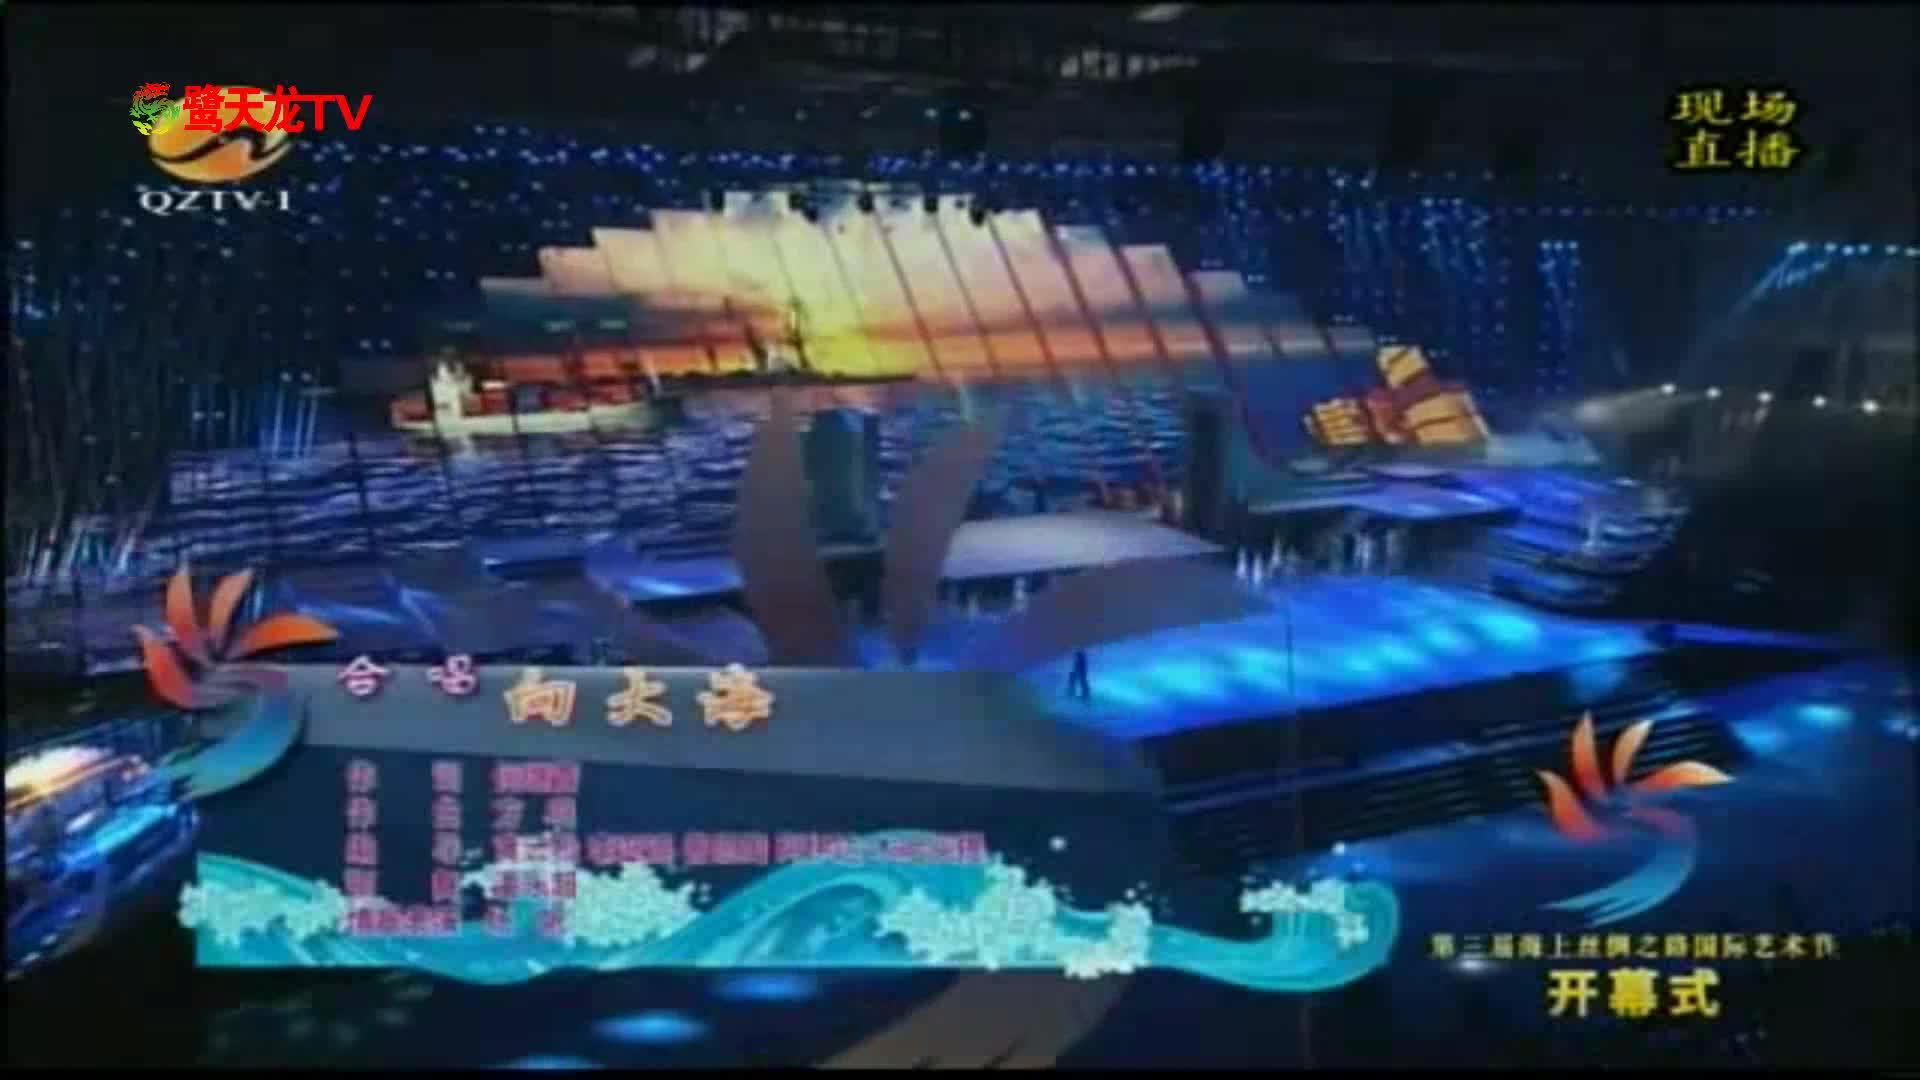 第三届海上丝绸之路国际艺术节开幕式晚会歌舞《向大海》